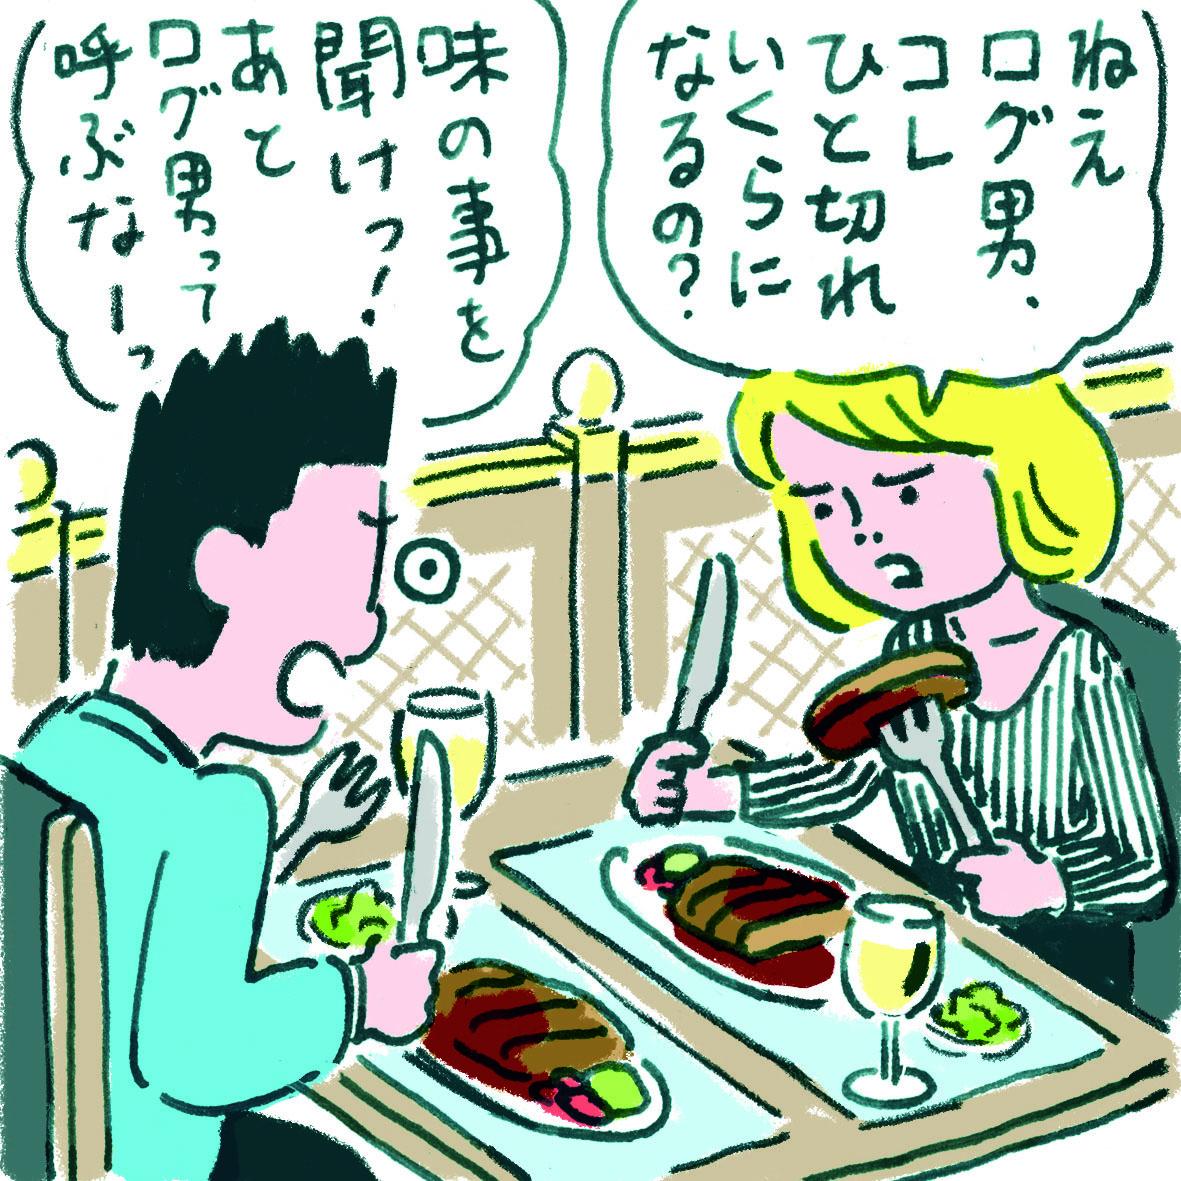 「食べログ男」で何が悪い!